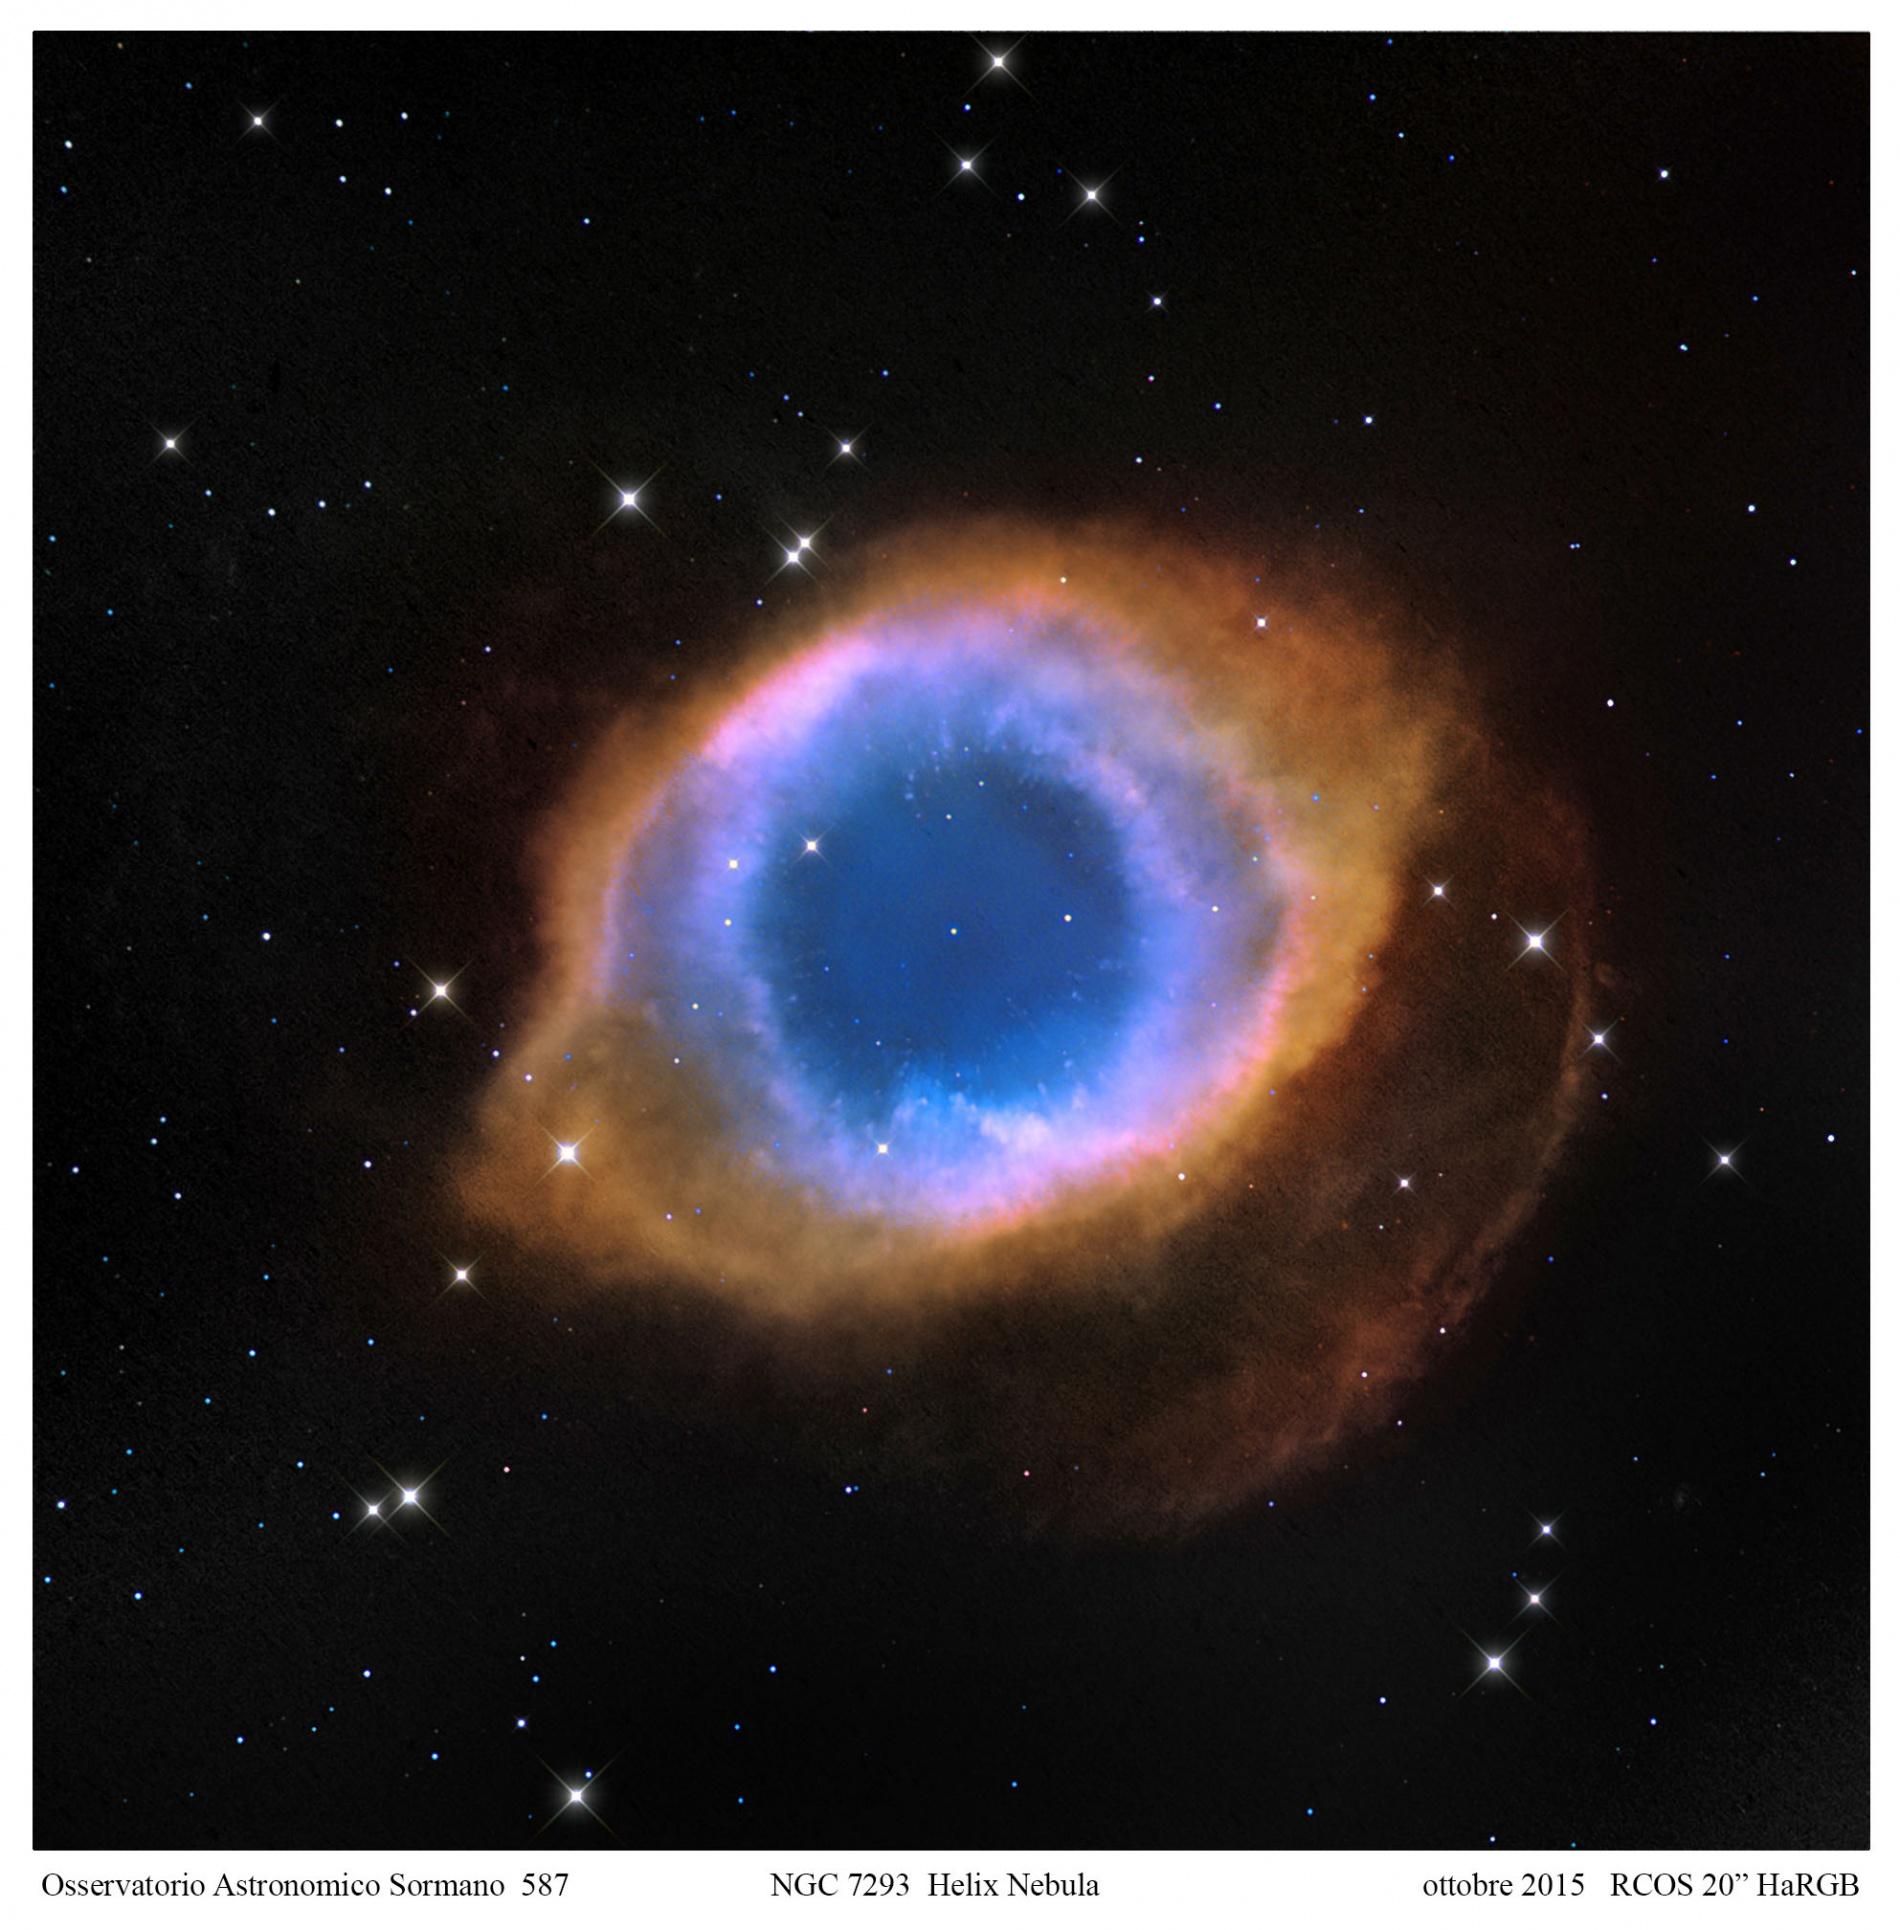 Foto Osservatorio  - Helix nebula: 5 miliardi di anni in un secondo